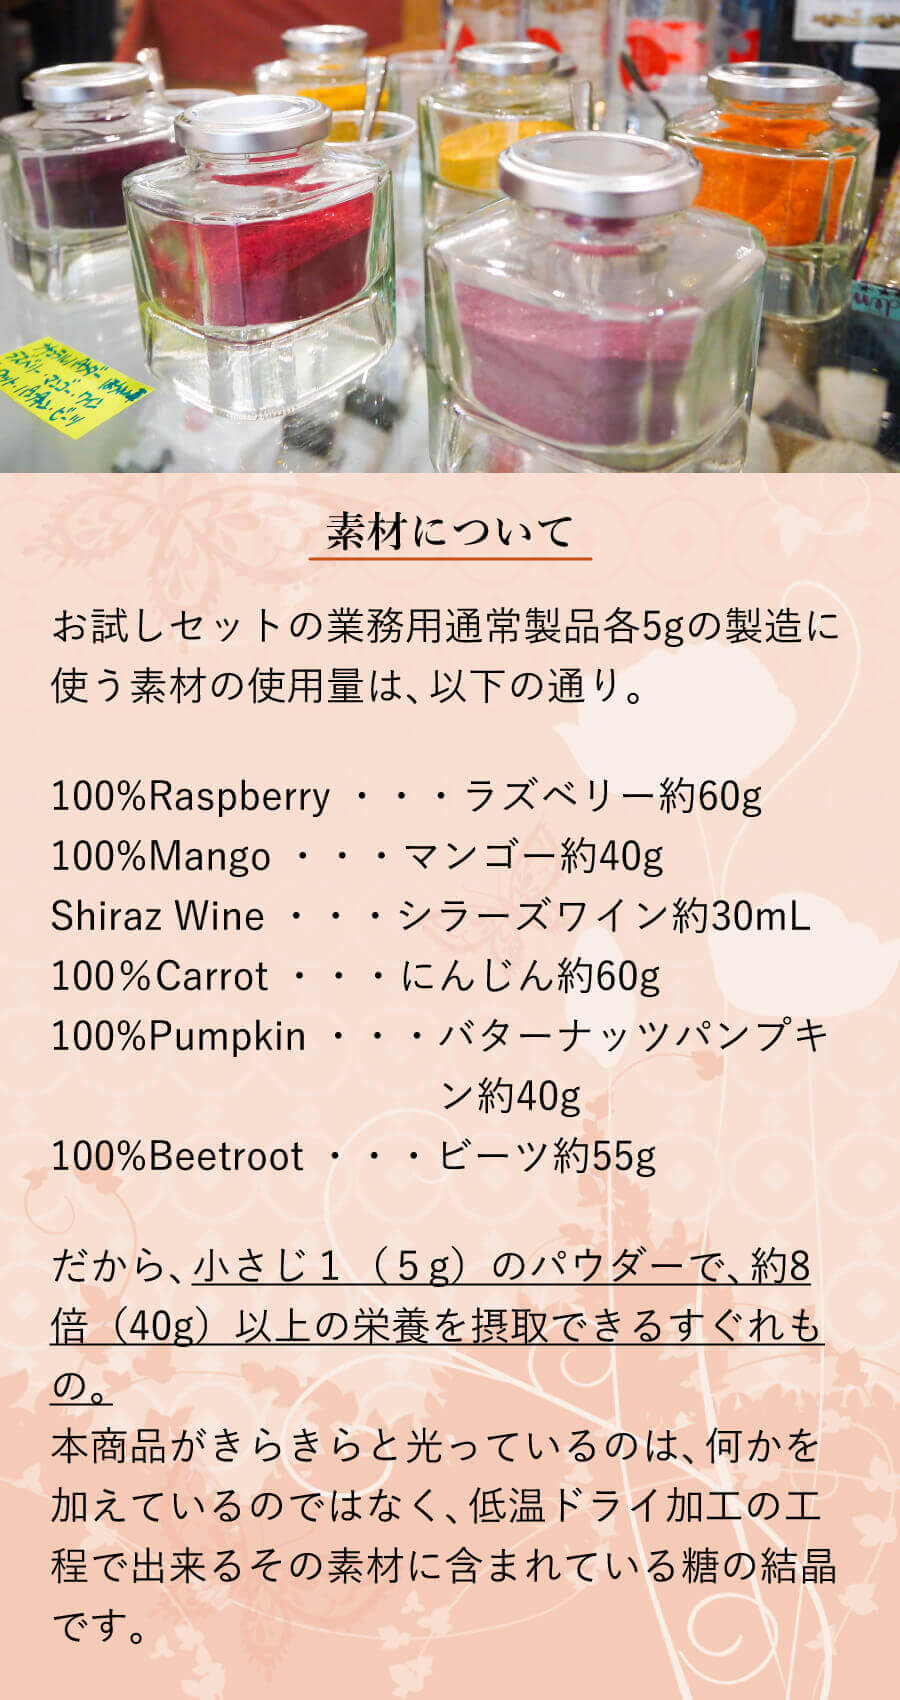 素材について お試しセットの業務用通常製品各5gの製造に使う素材の使用量は、以下の通り。 100%Raspberry ・・・ラズベリー約60g 100%Mango ・・・マンゴー約40g Shiraz Wine ・・・シラーズワイン約30mL 100%Carrot ・・・にんじん約60g 100%Pumpkin ・・・バターナッツパンプキン約40g 100%Beetroot ・・・ビーツ約55g だから、小さじ1(5g)のパウダーで、約8倍(40g)以上の栄養を摂取できるすぐれもの。本商品がきらきらと光っているのは、何かを加えているのではなく、低温ドライ加工の工程で出来るその素材に含まれている糖の結晶です。